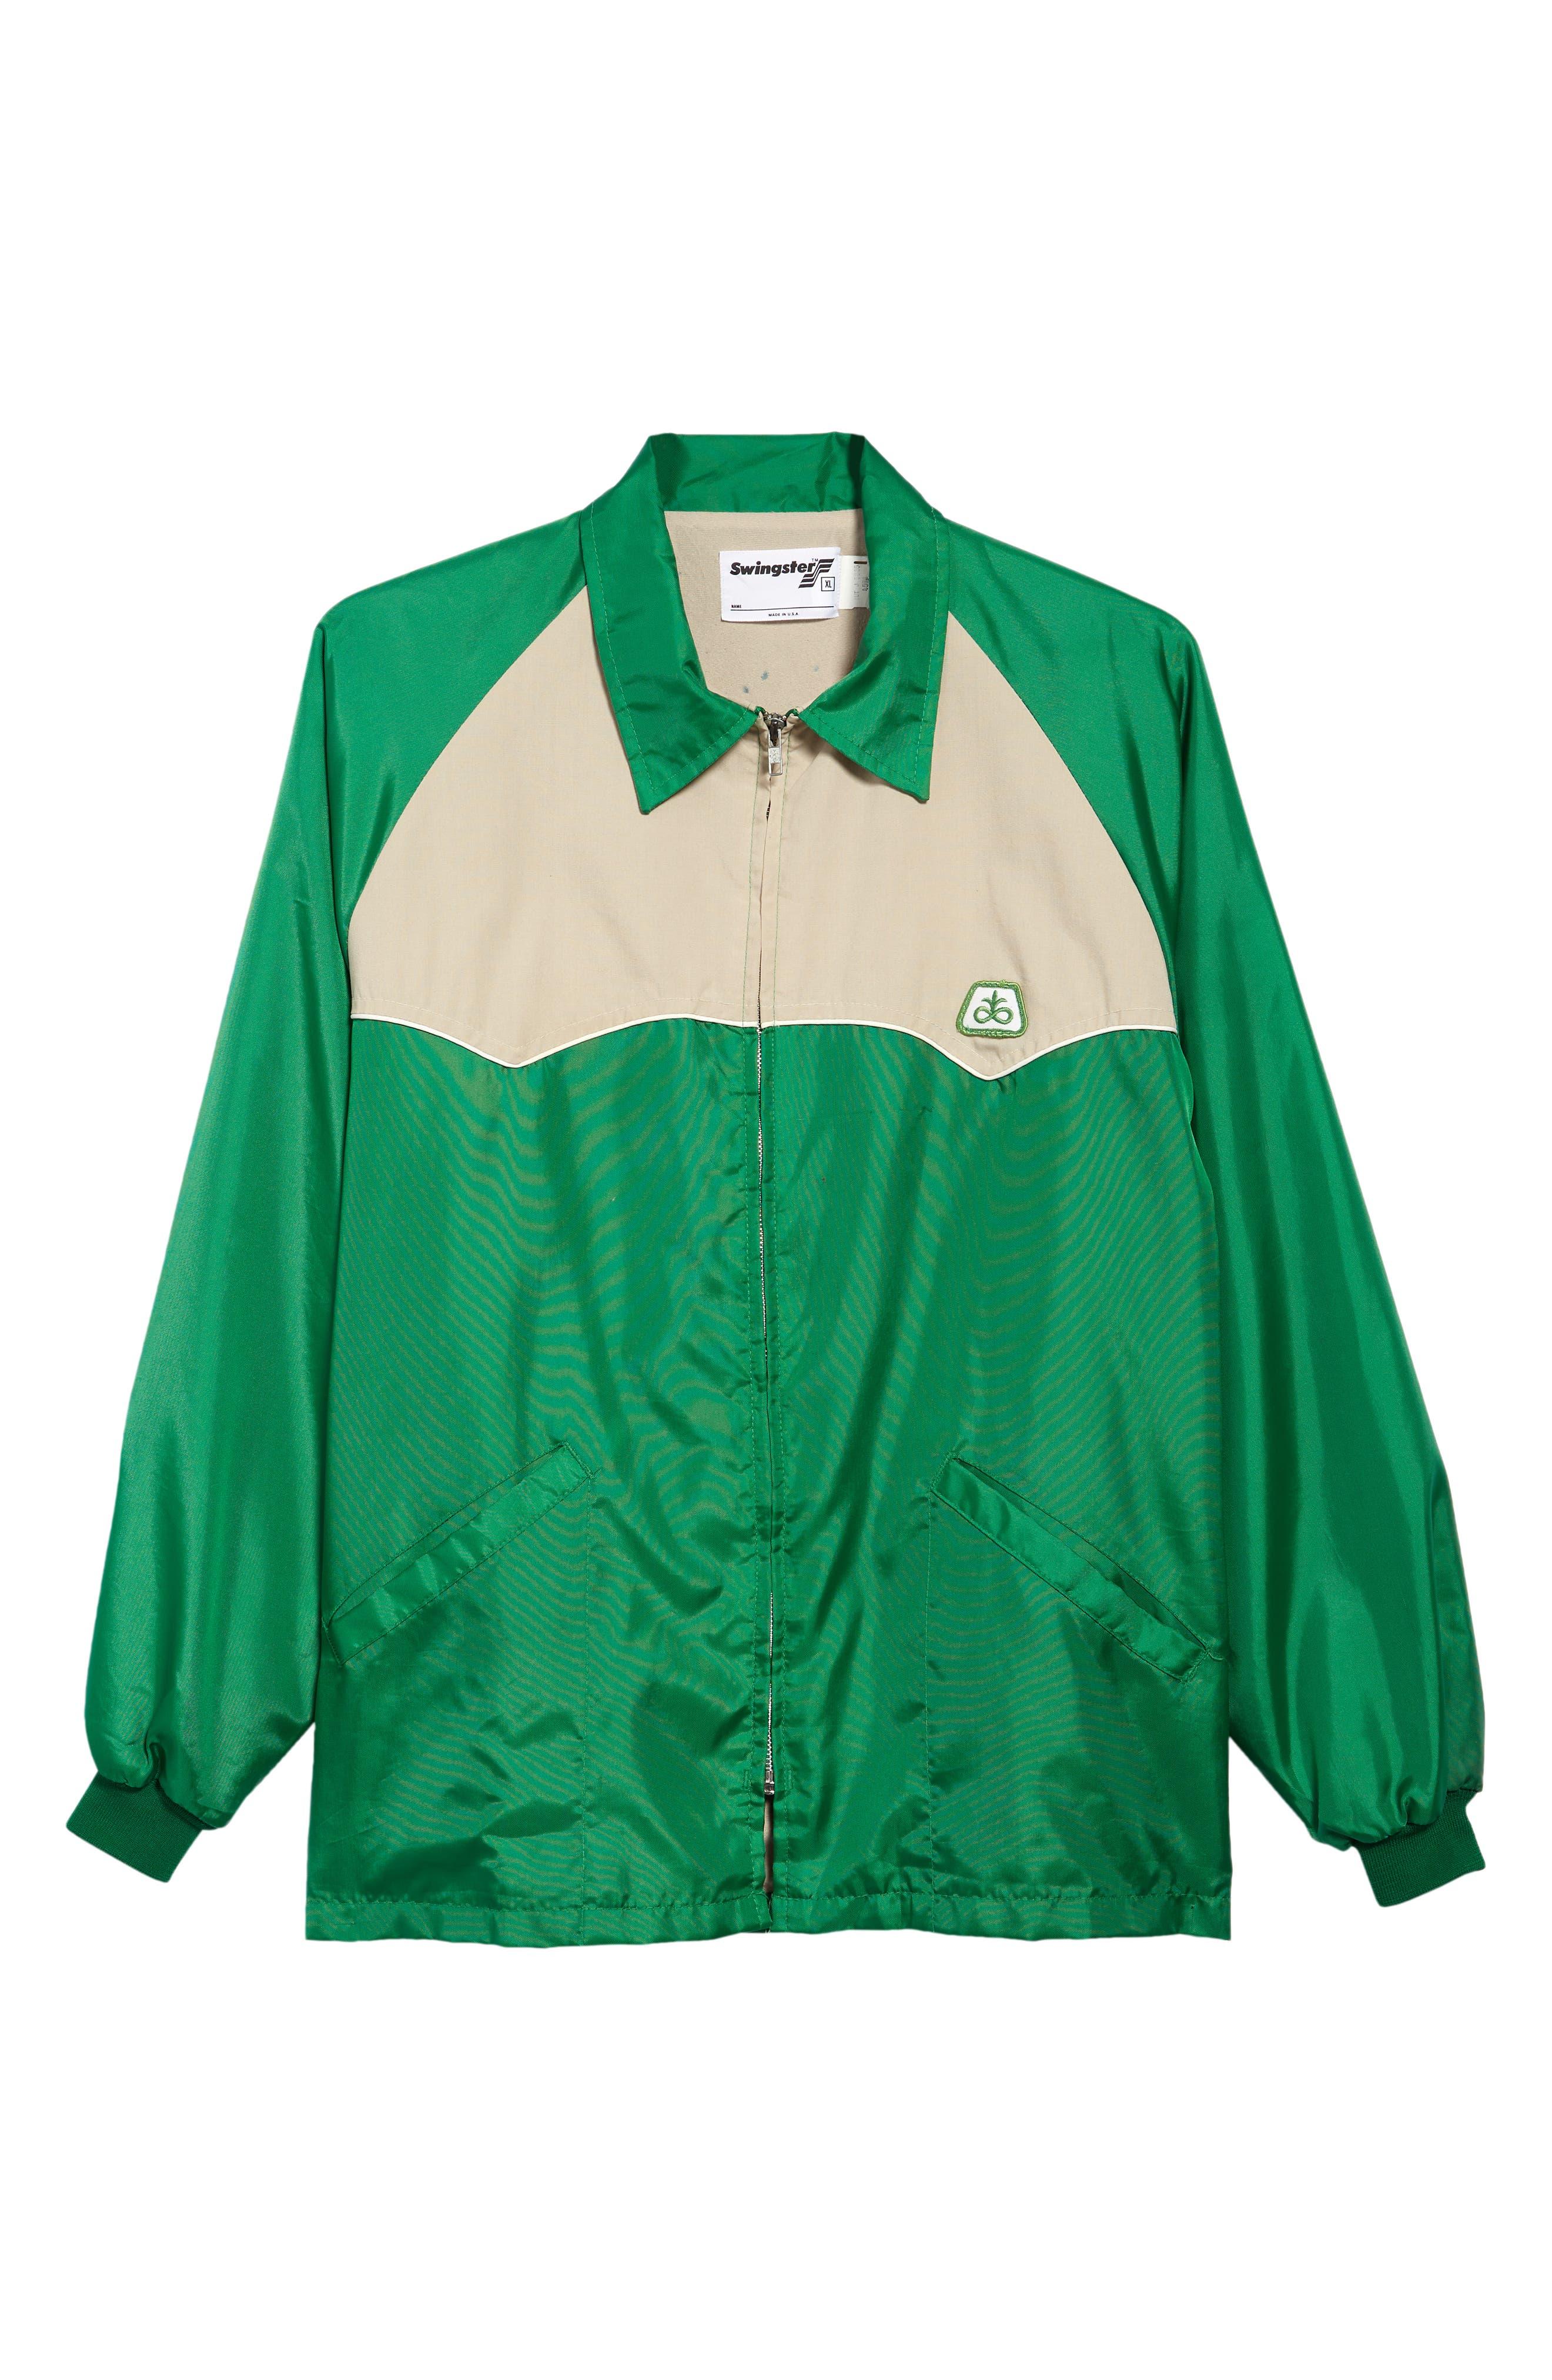 Unisex Vintage '80S Swingster Windbreaker Jacket